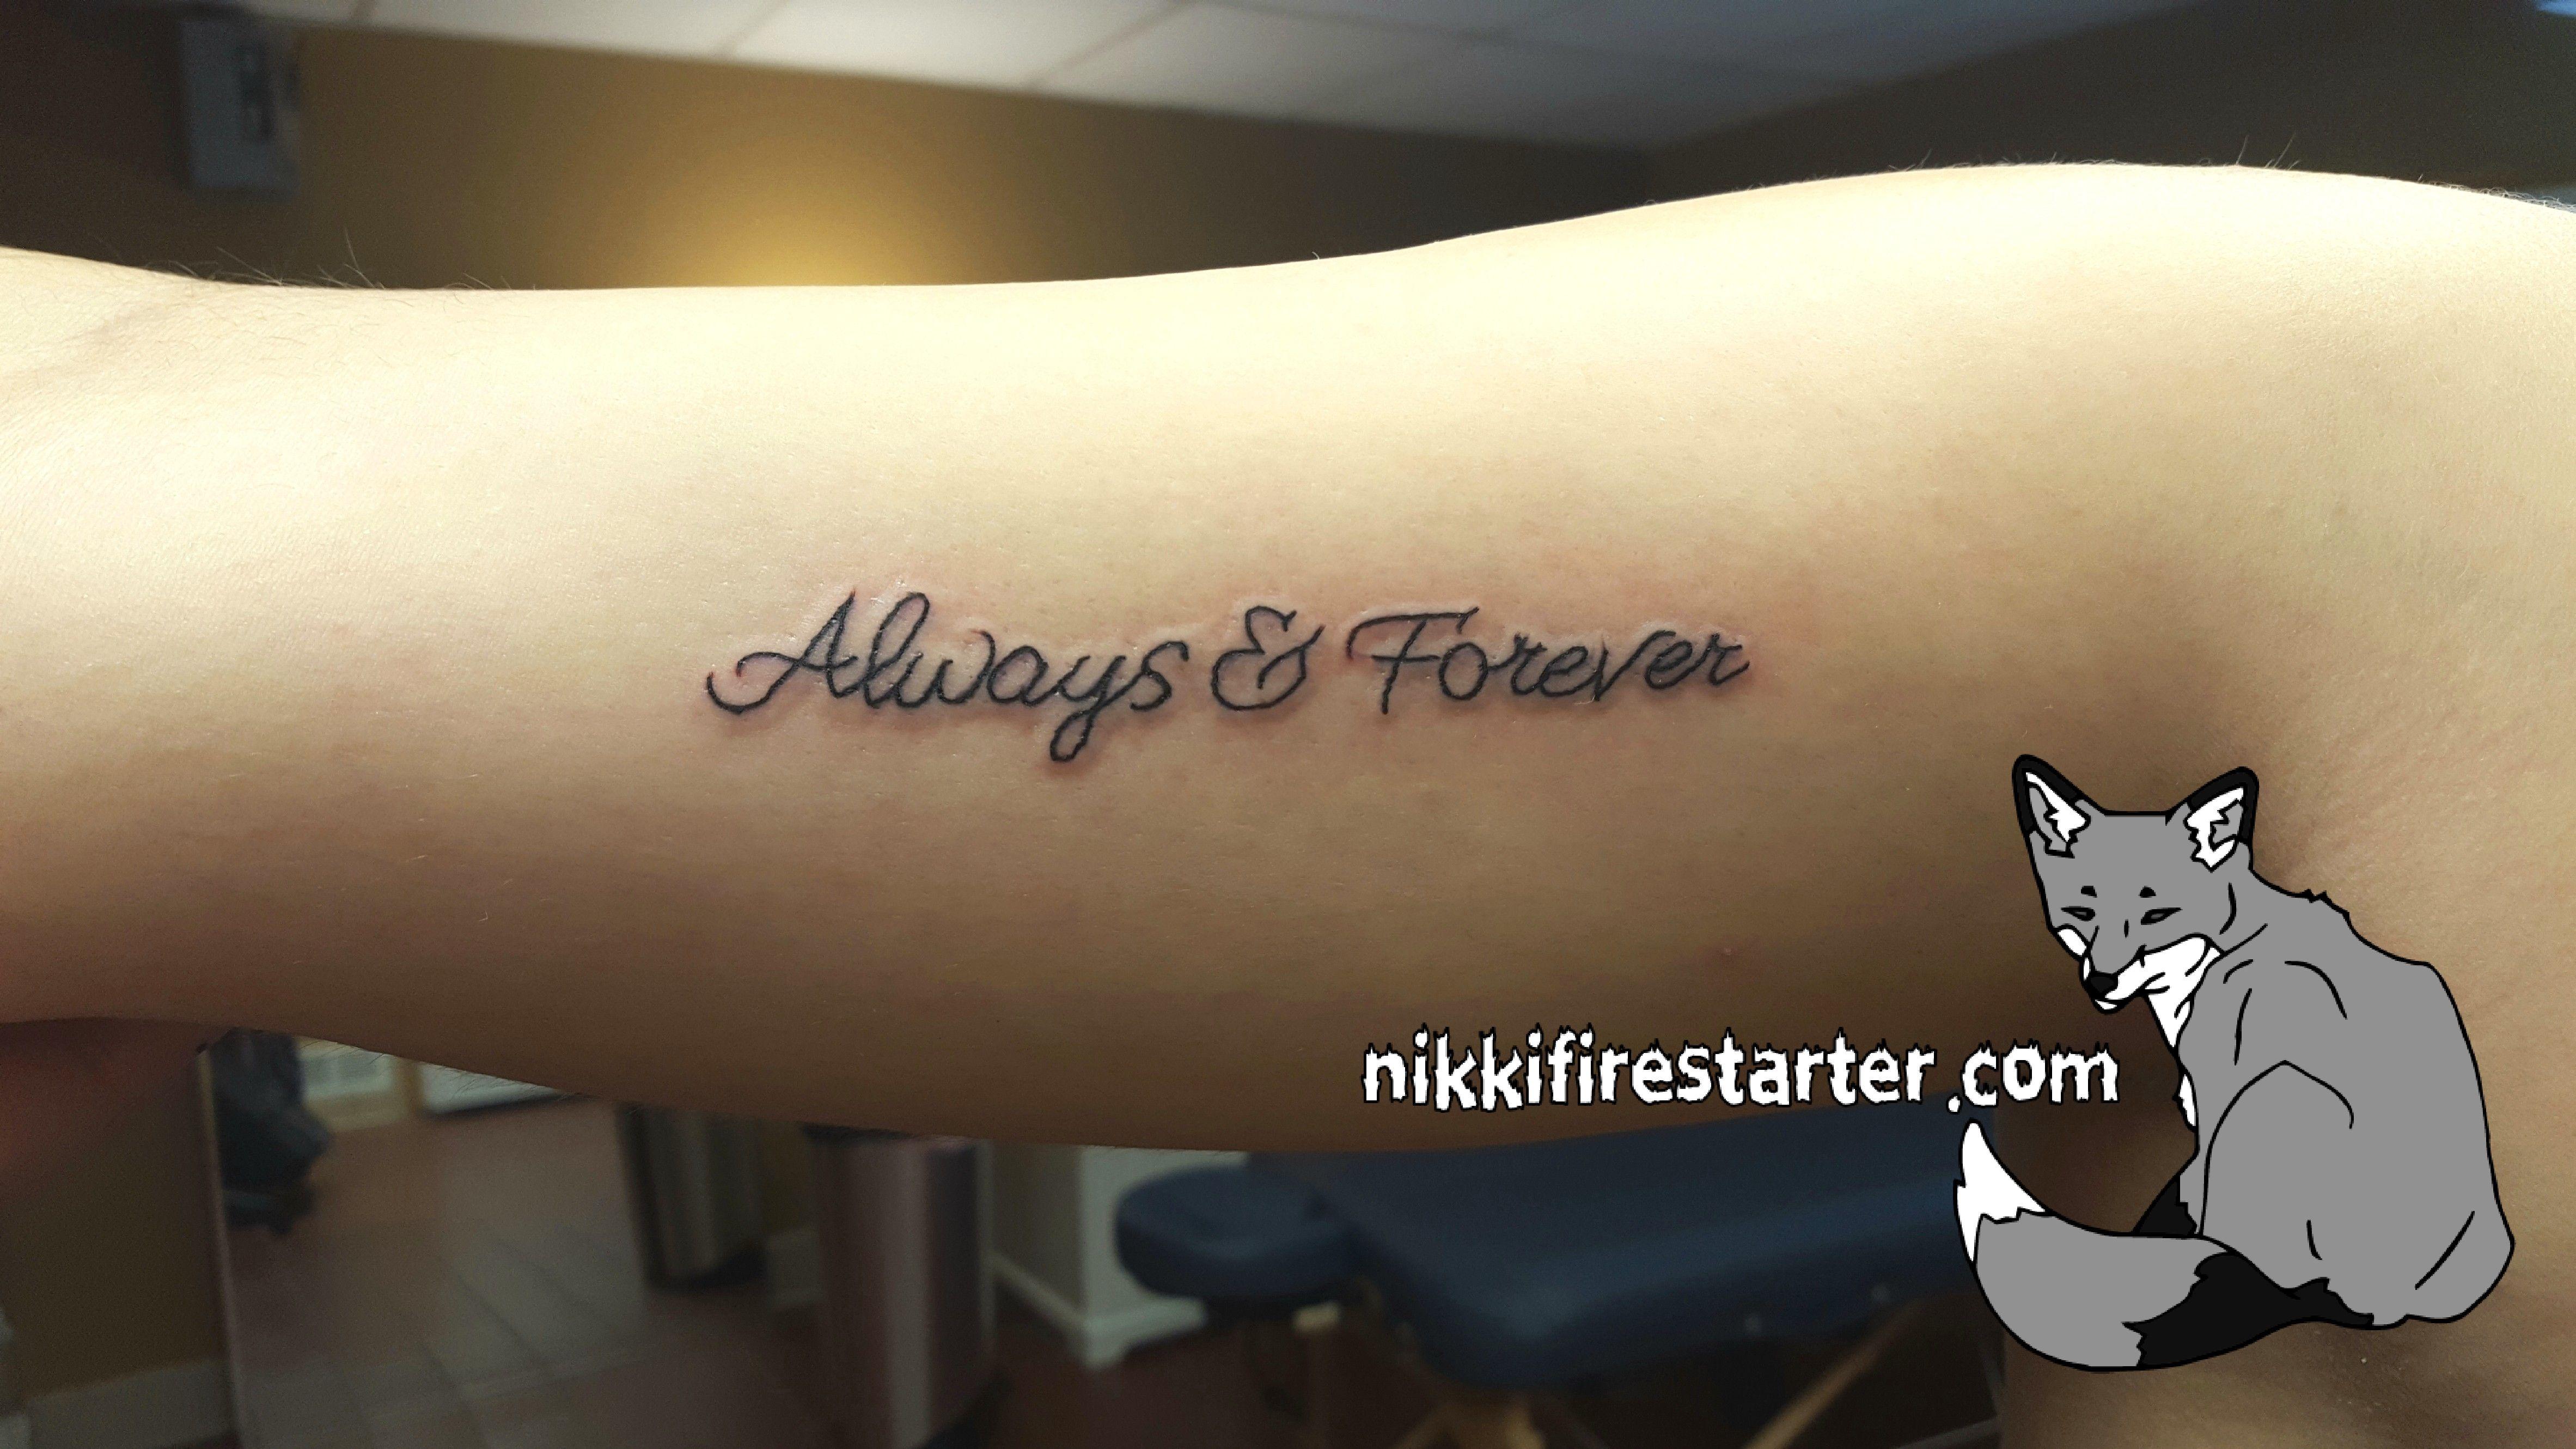 Always & Forever | Bicep tattoo, Arm tattoo, Tattoo apprentice